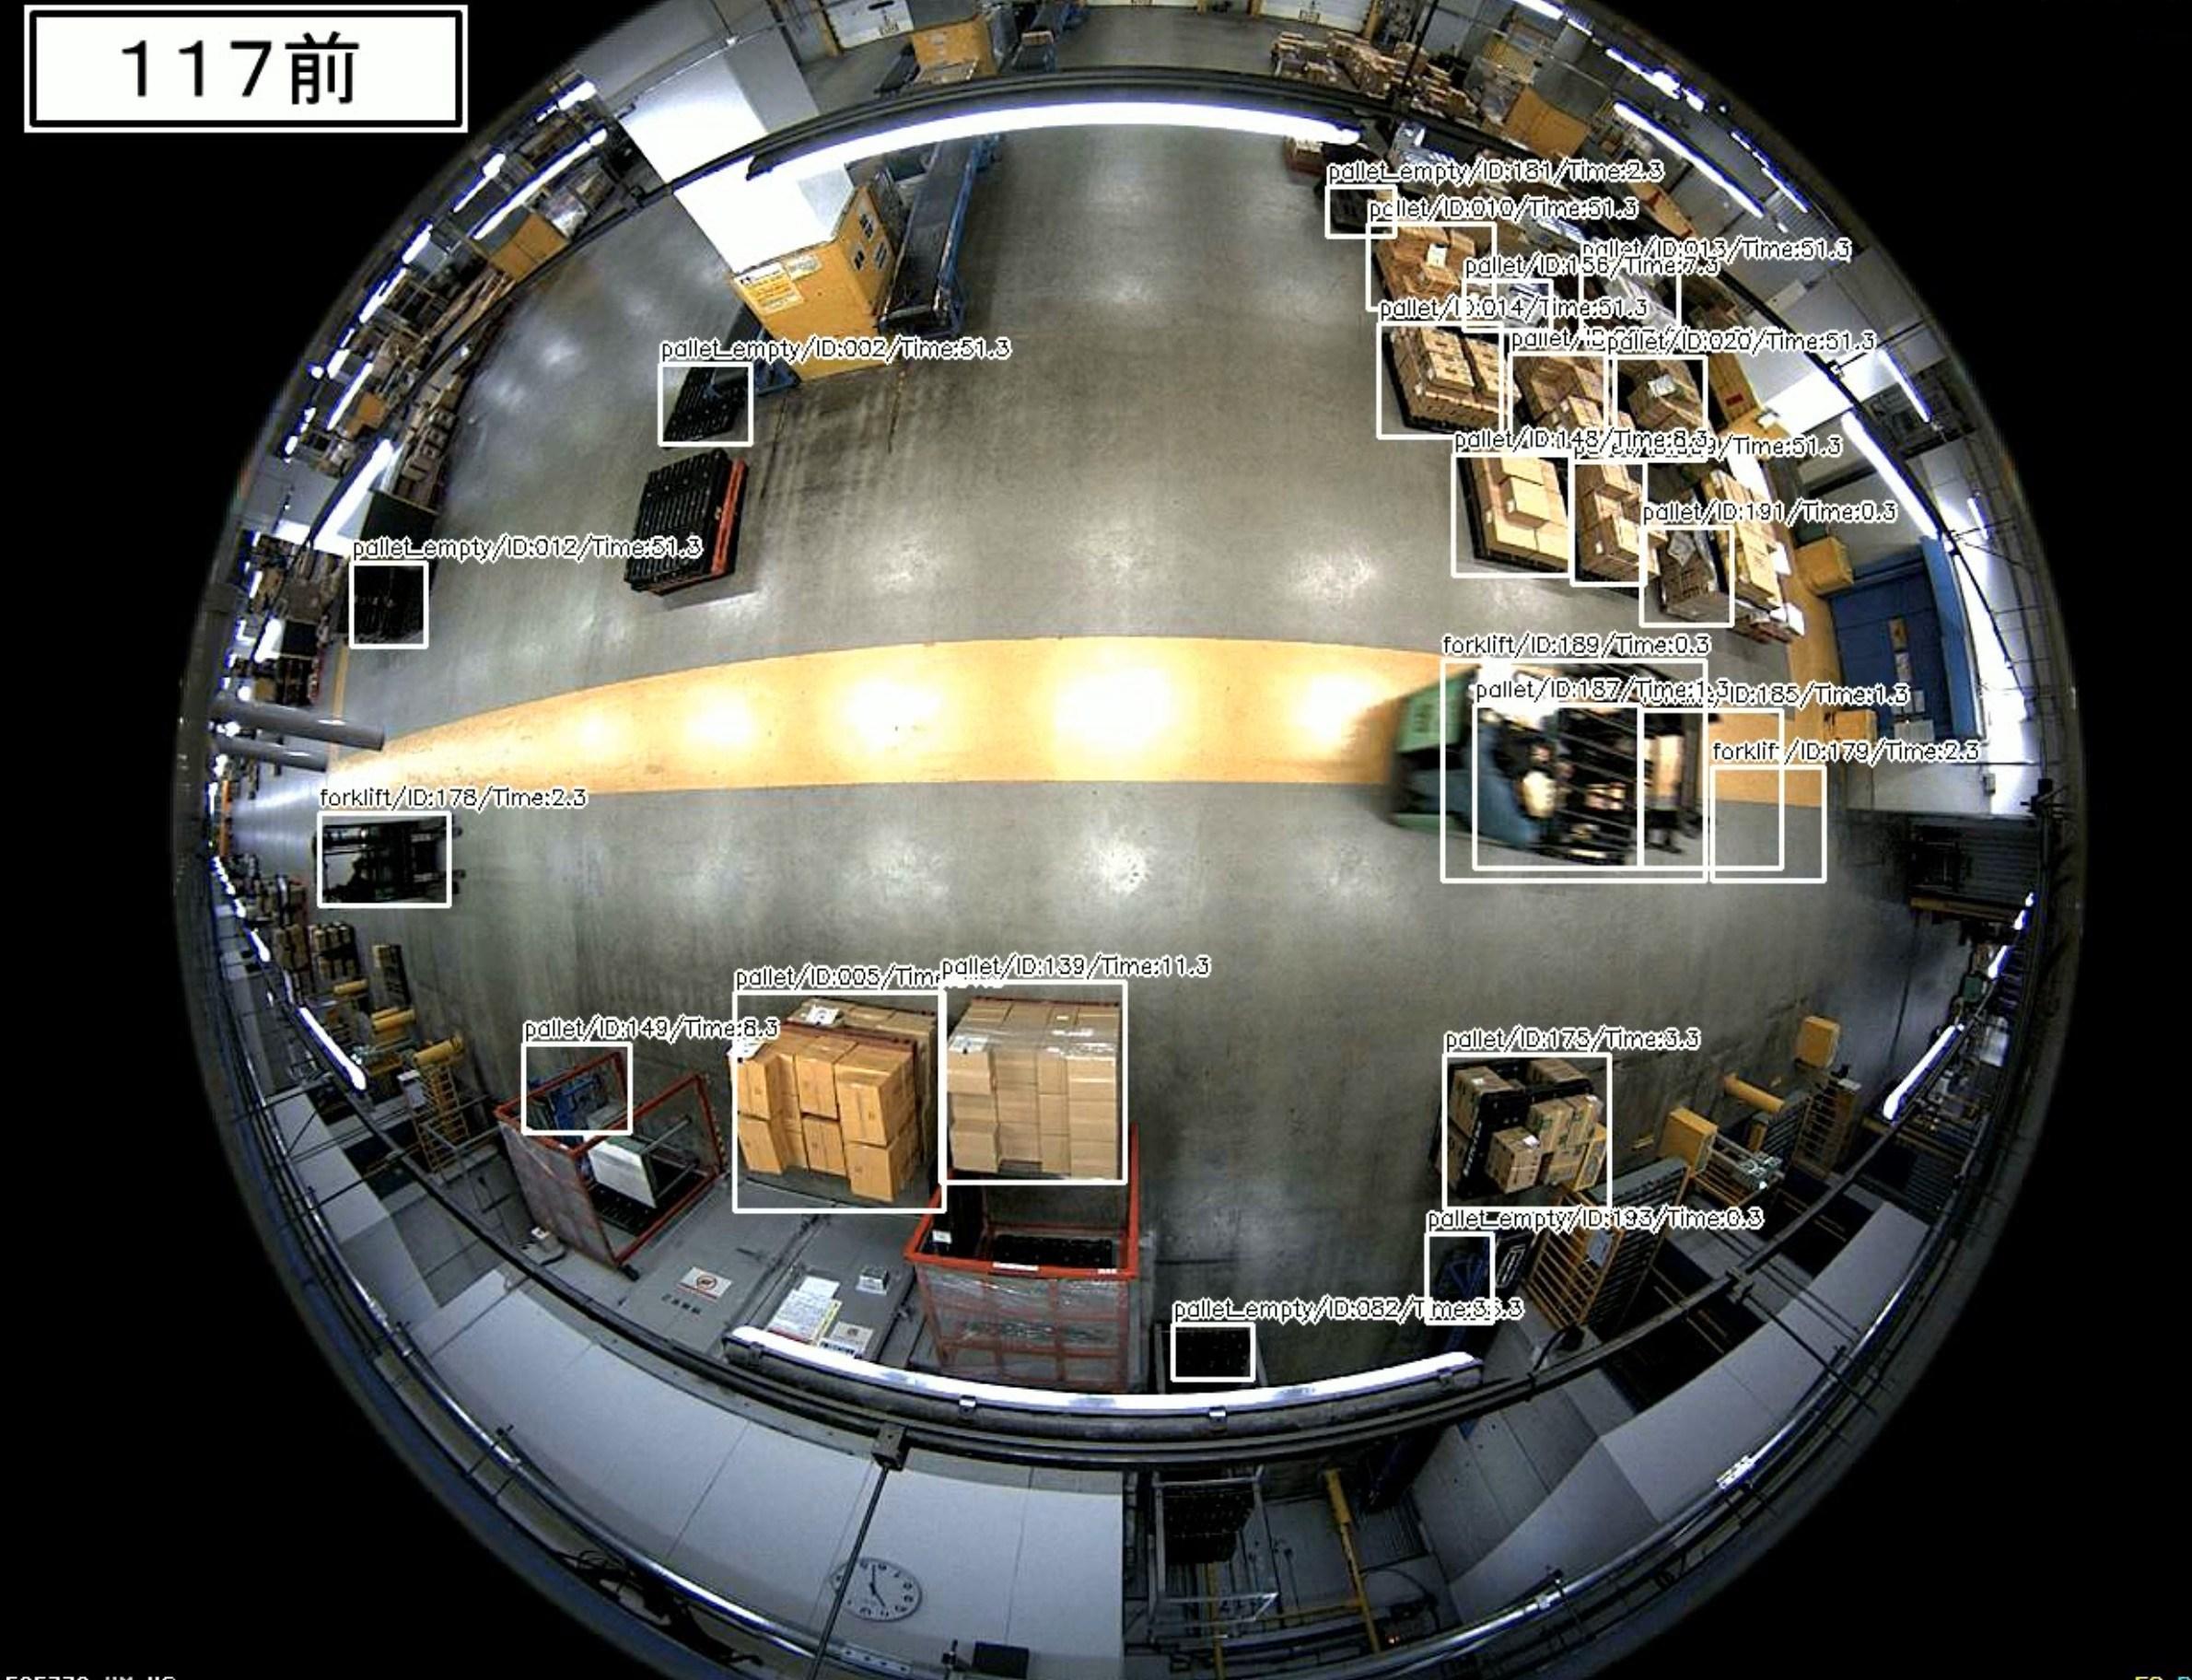 倉庫内の360度カメラをAIが分析した結果の画像